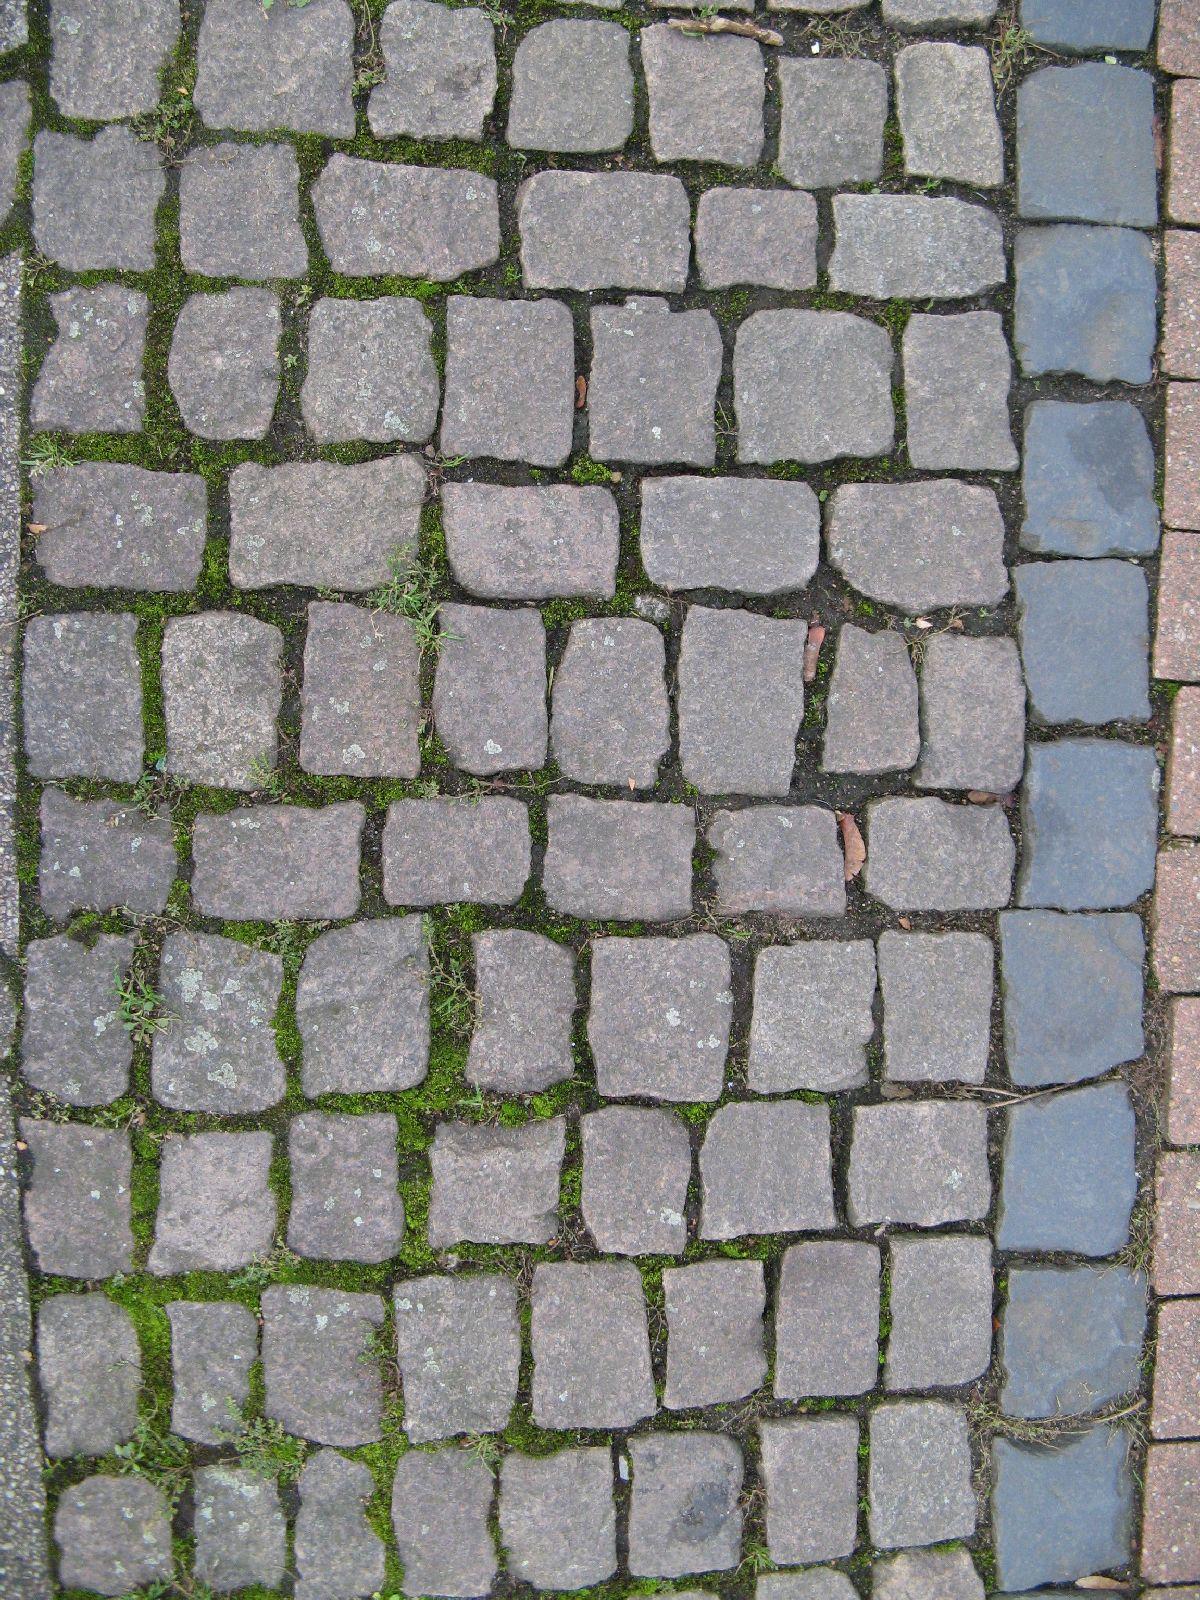 Boden-Gehweg-Strasse-Buergersteig-Textur_B_0682